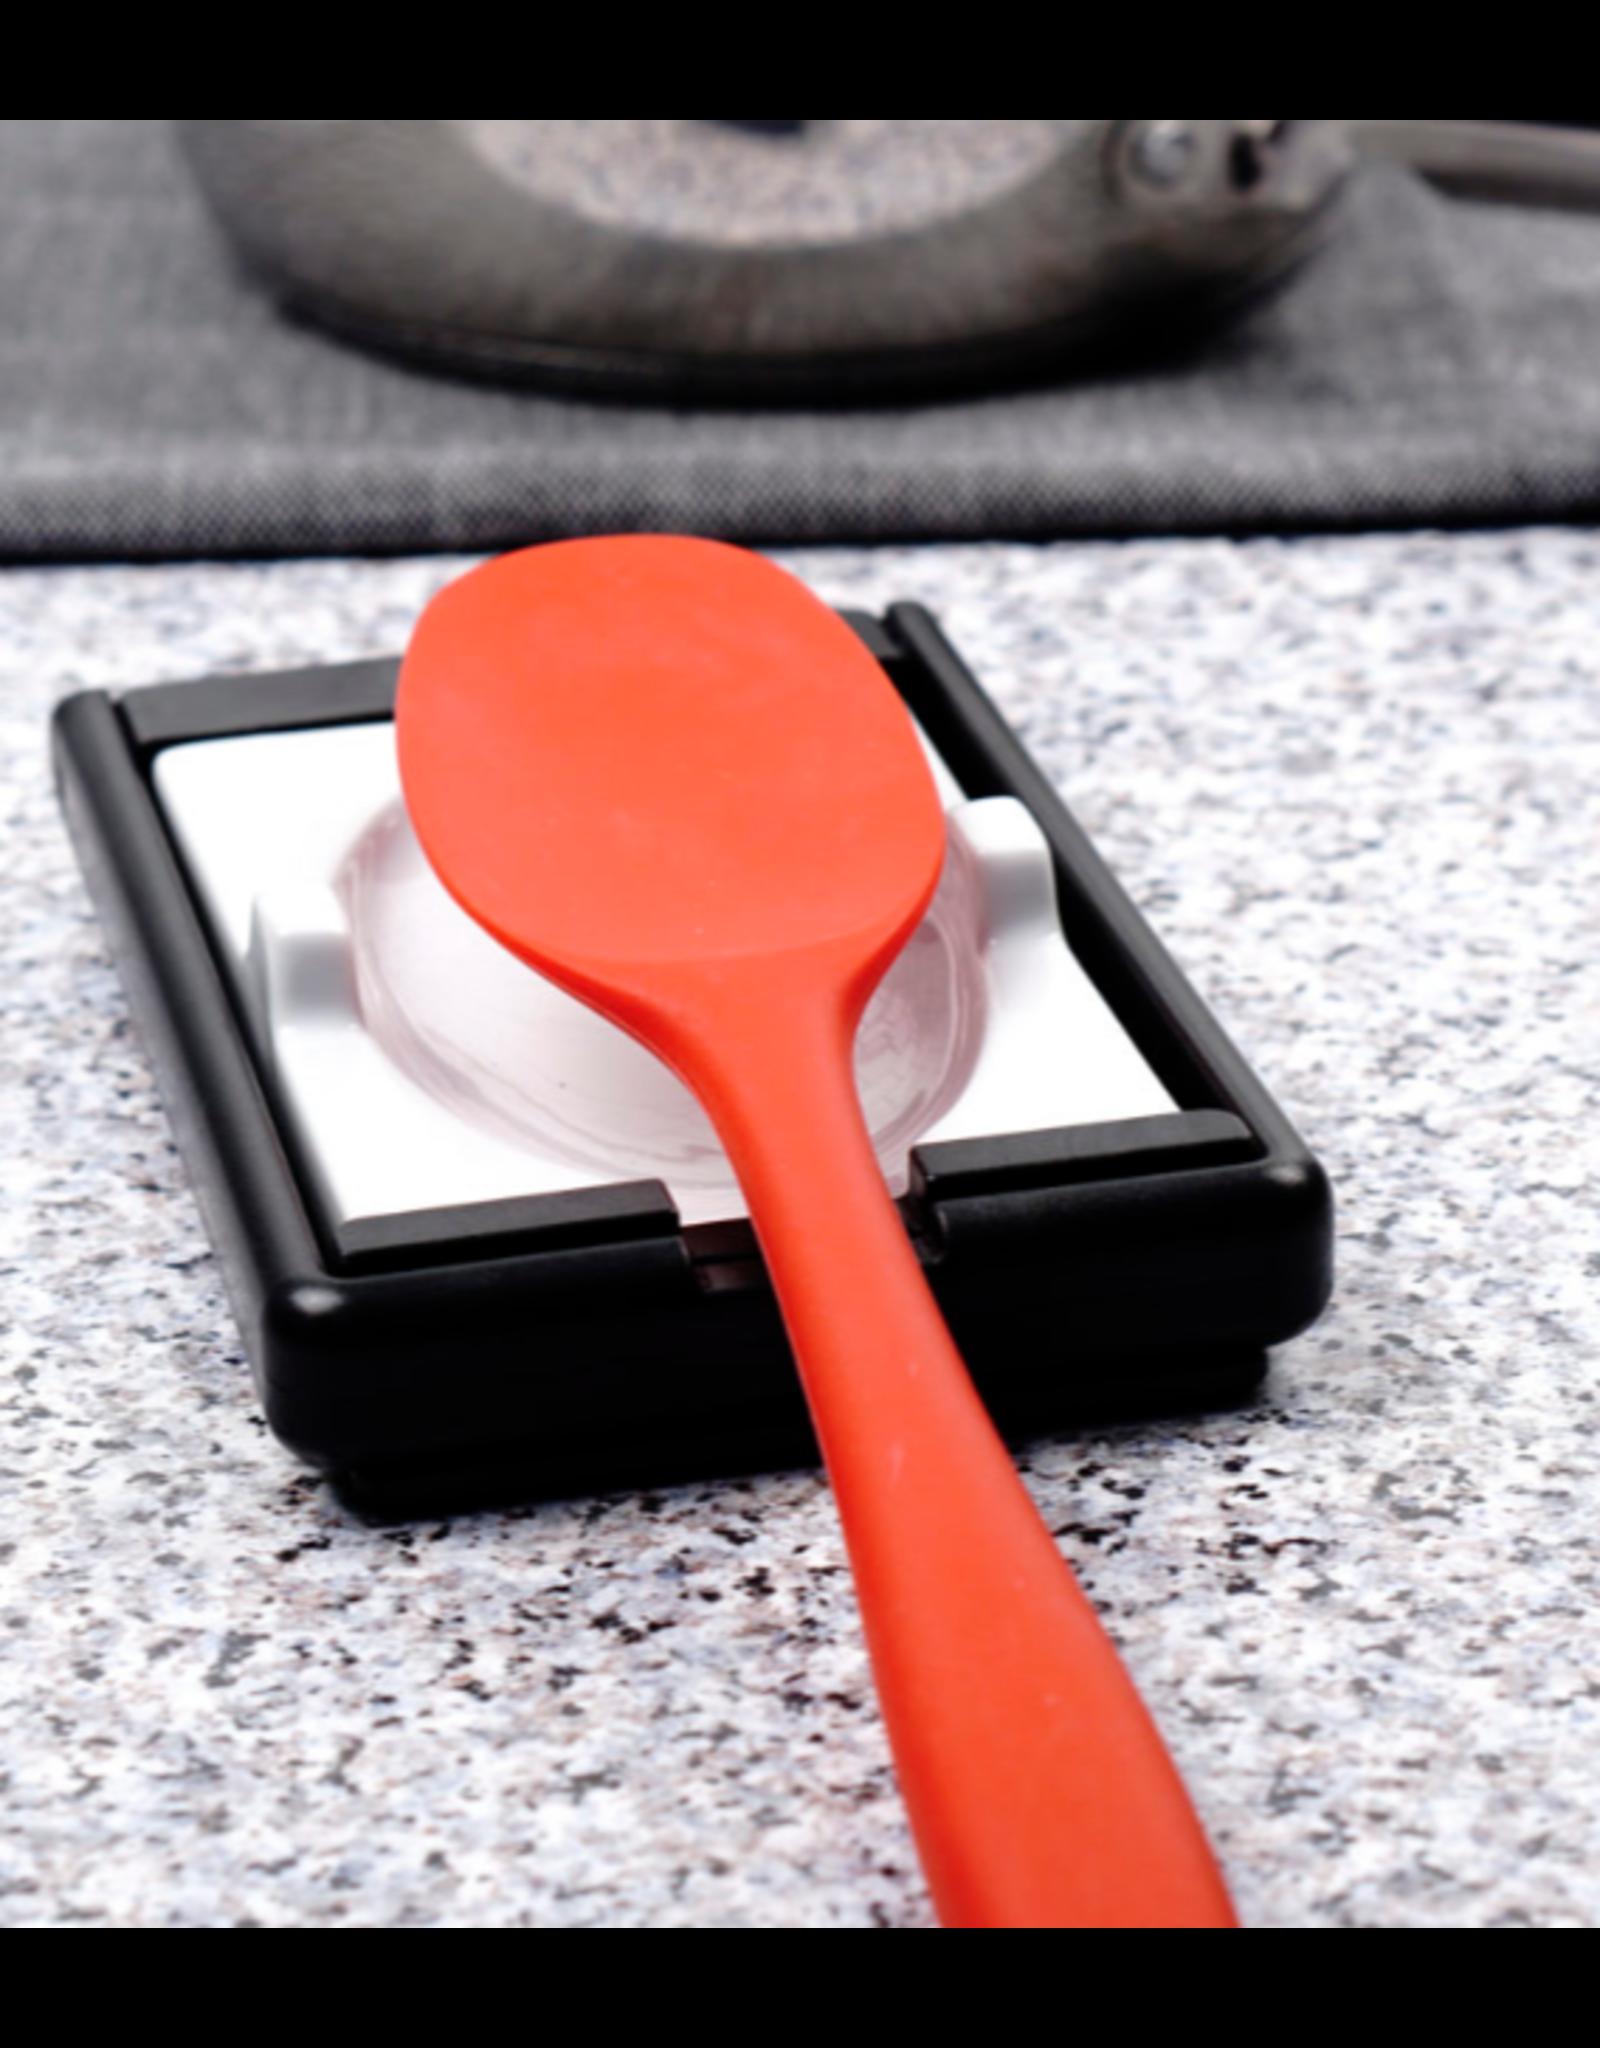 Danica 2-in-1 Spoon & Lid Rest